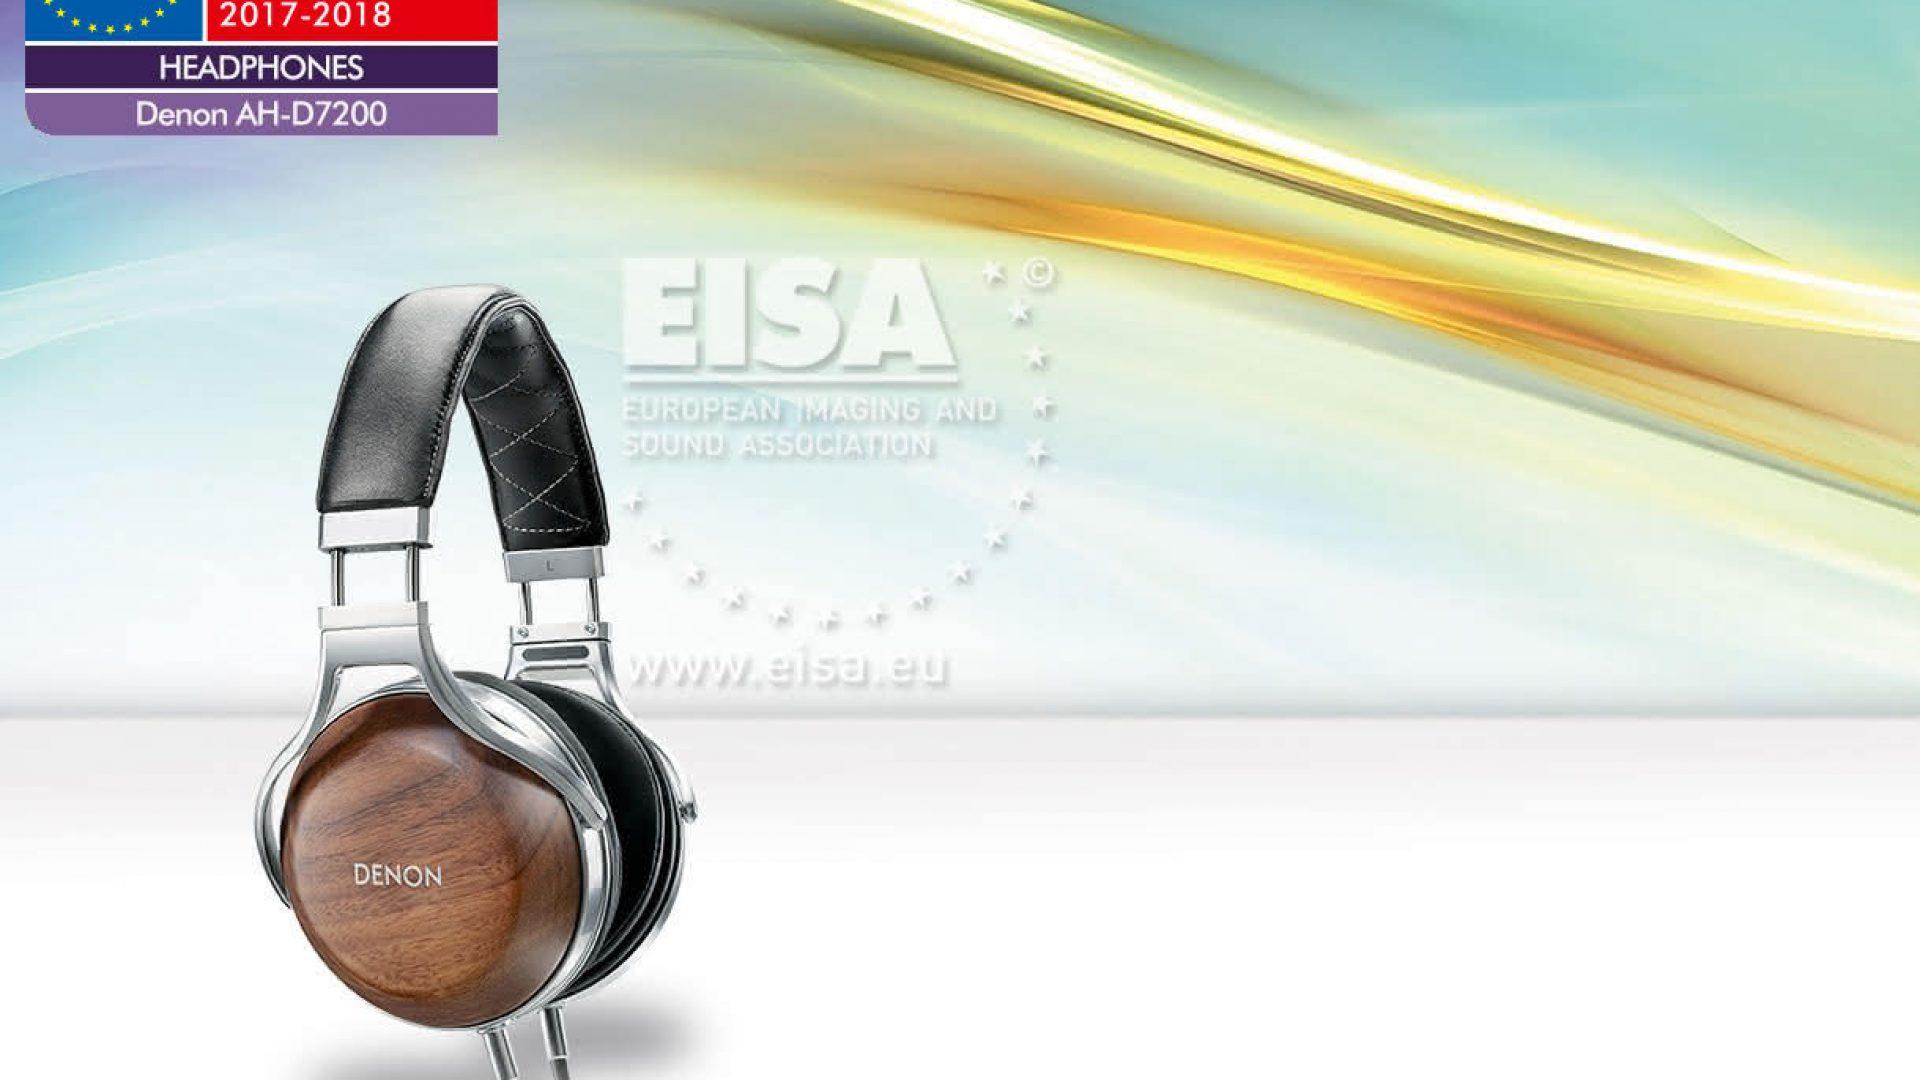 Denon AH-D7200 – auriculares – EISA 2017-2018